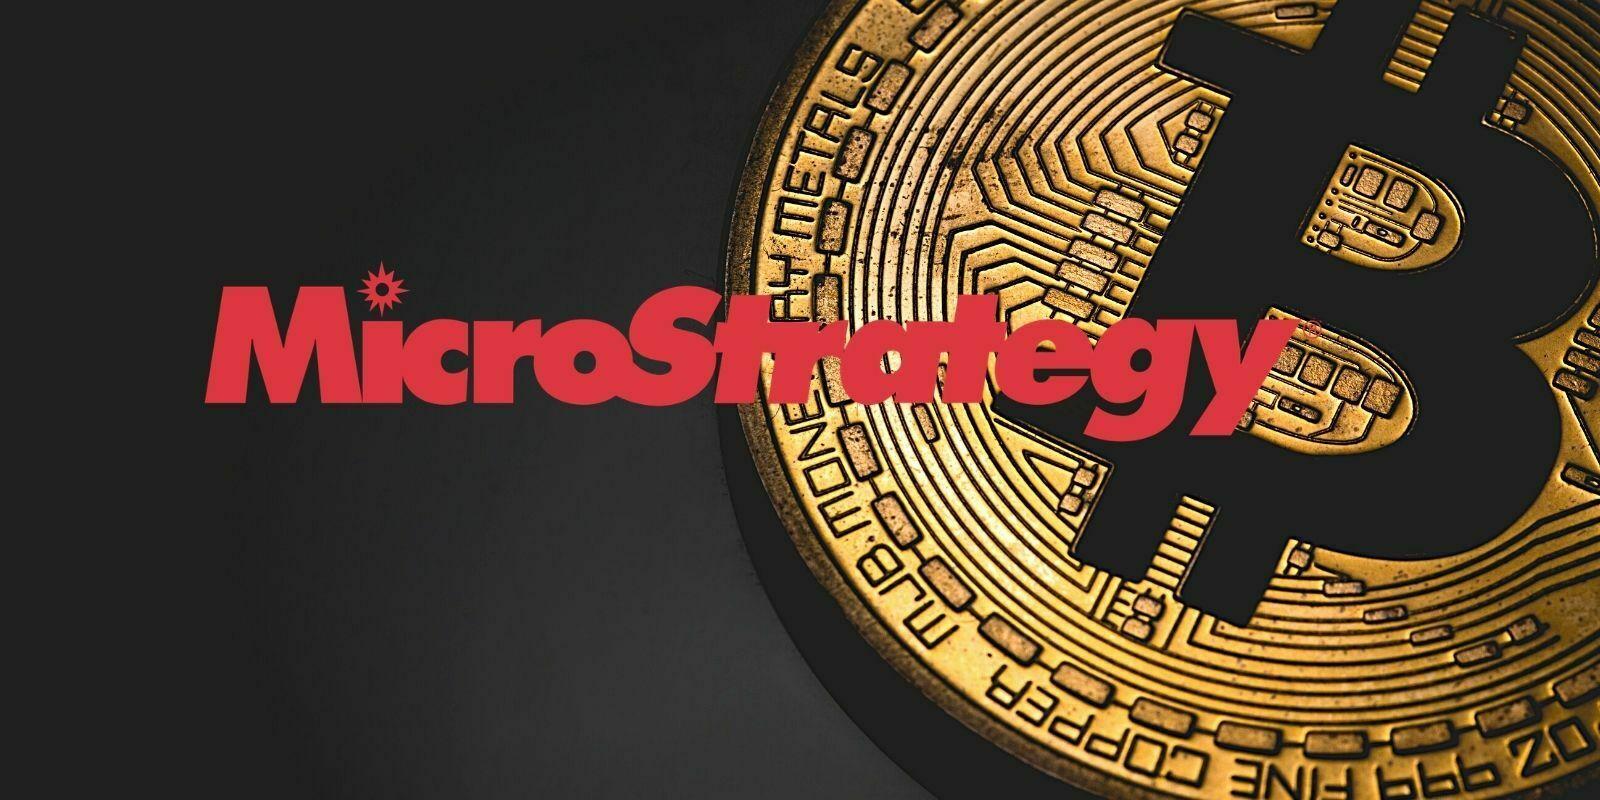 L'entreprise MicroStrategy, cotée au Nasdaq, détient désormais 40824 bitcoins (BTC)